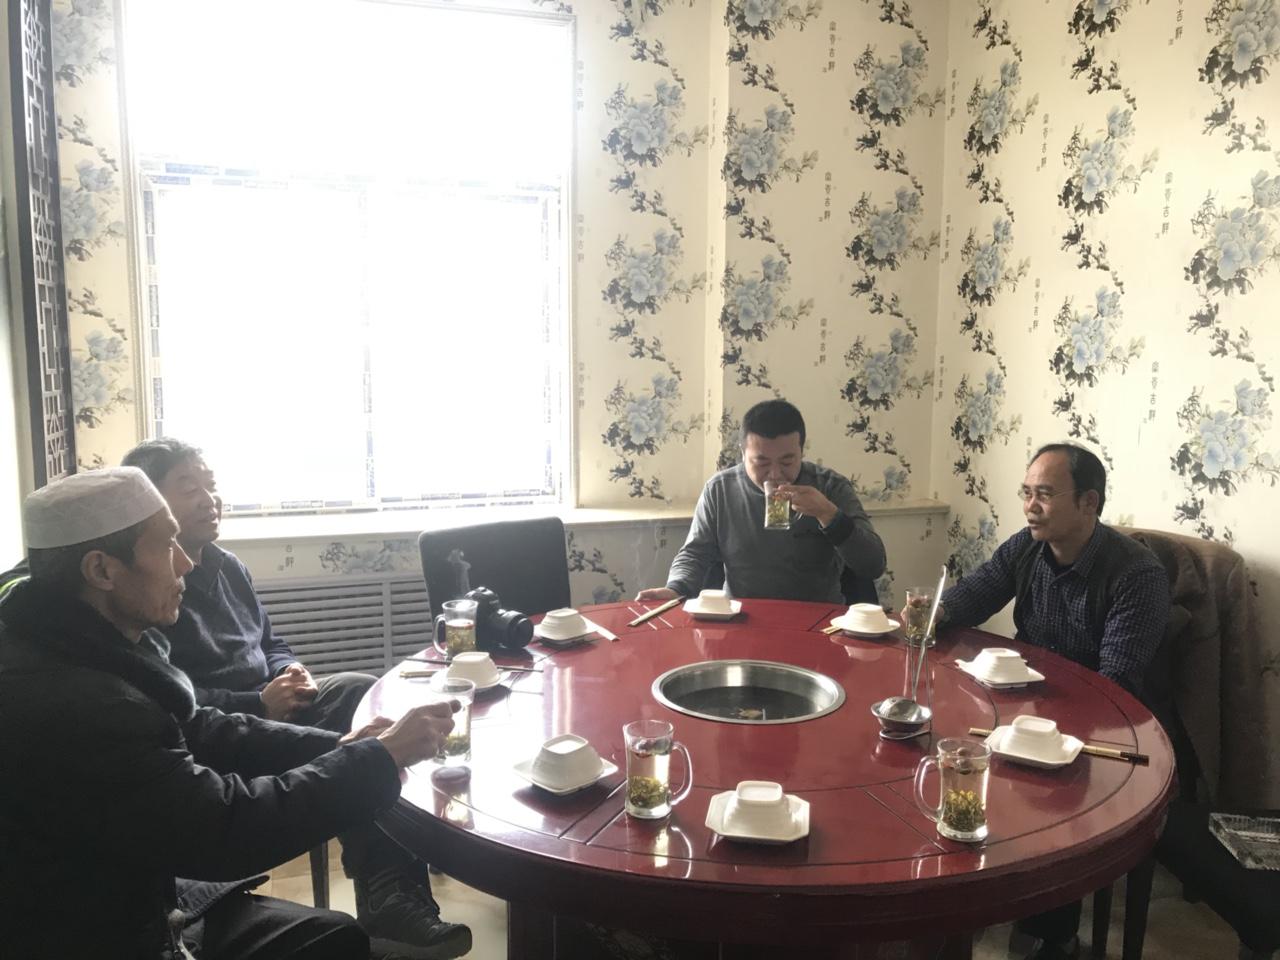 张家川在线、大关山摄影俱乐部宣传龙山古镇老码头花絮